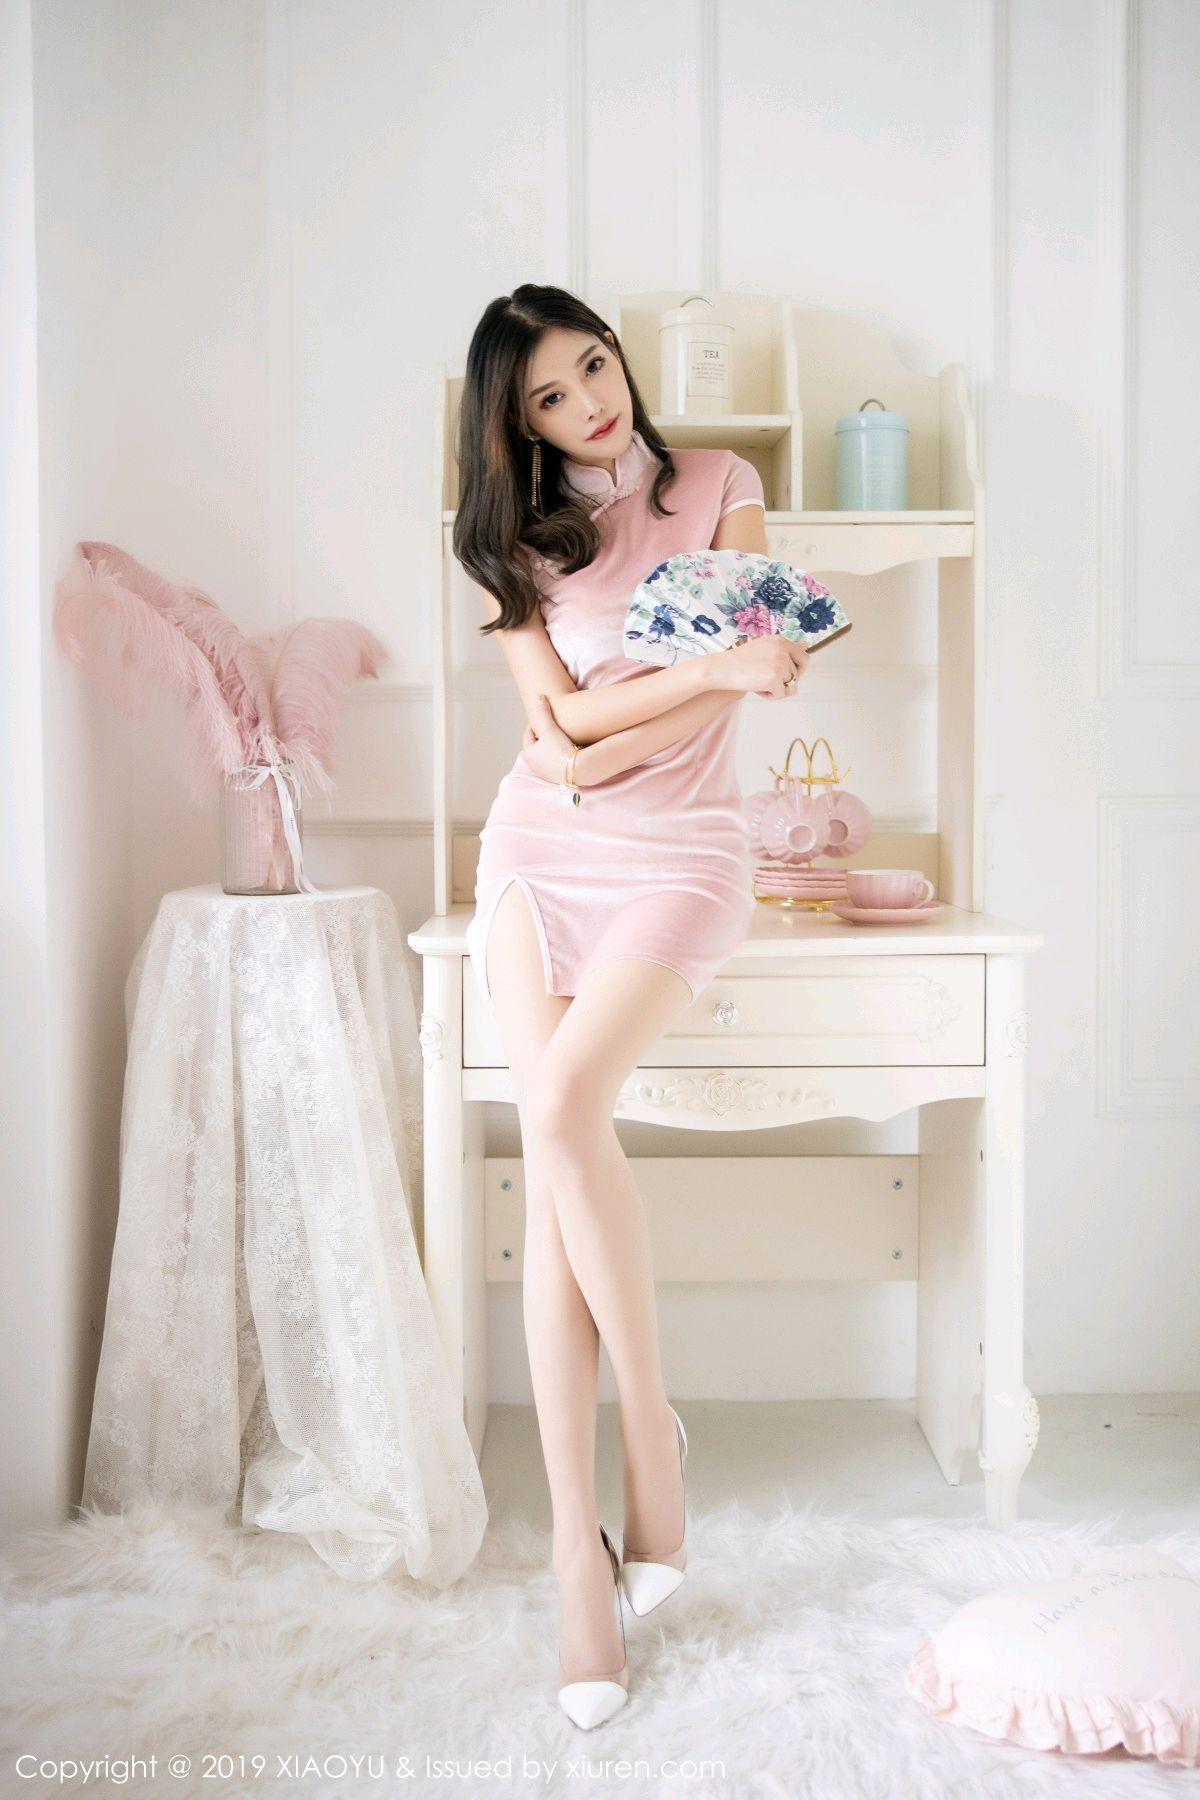 [XiaoYu] Vol.114 Yang Chen Chen 9P, Cheongsam, Foot, XiaoYu, Yang Chen Chen